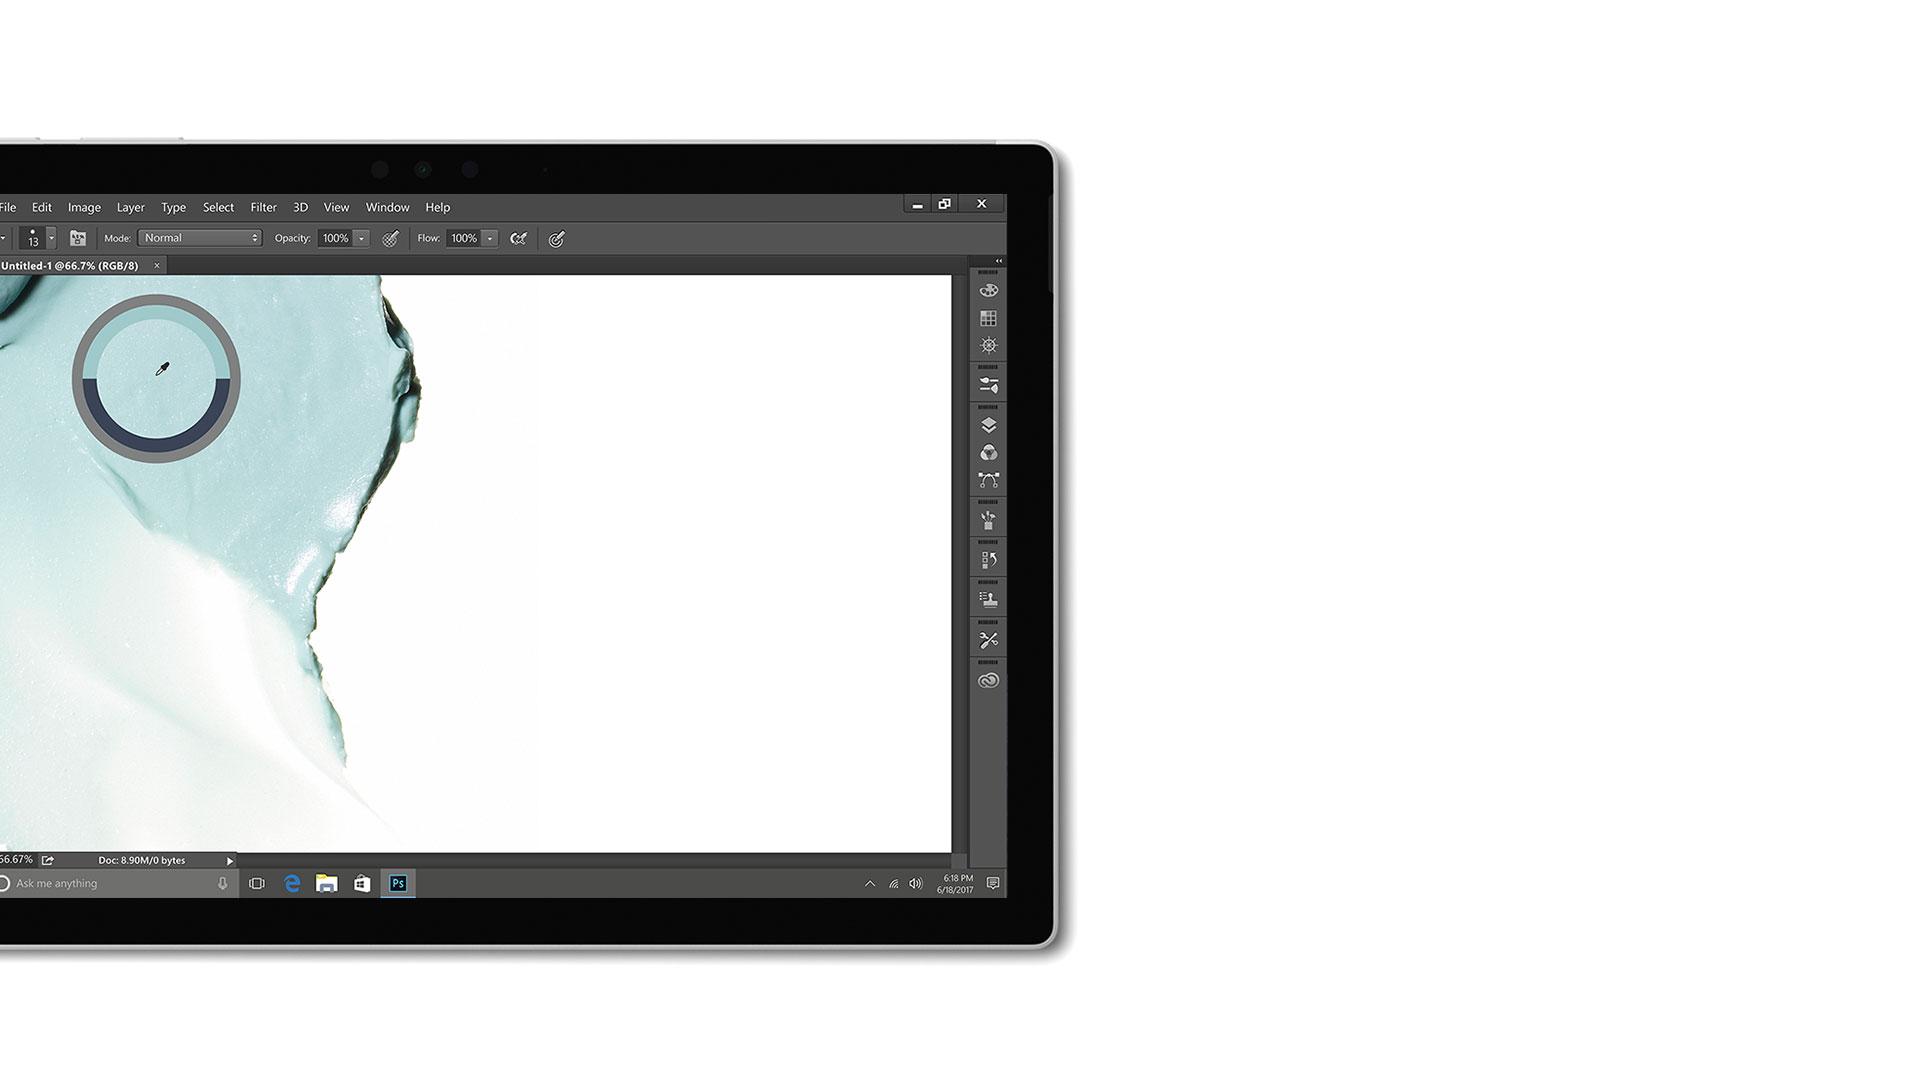 รูปส่วนติดต่อผู้ใช้ของ Adobe Creative Cloud